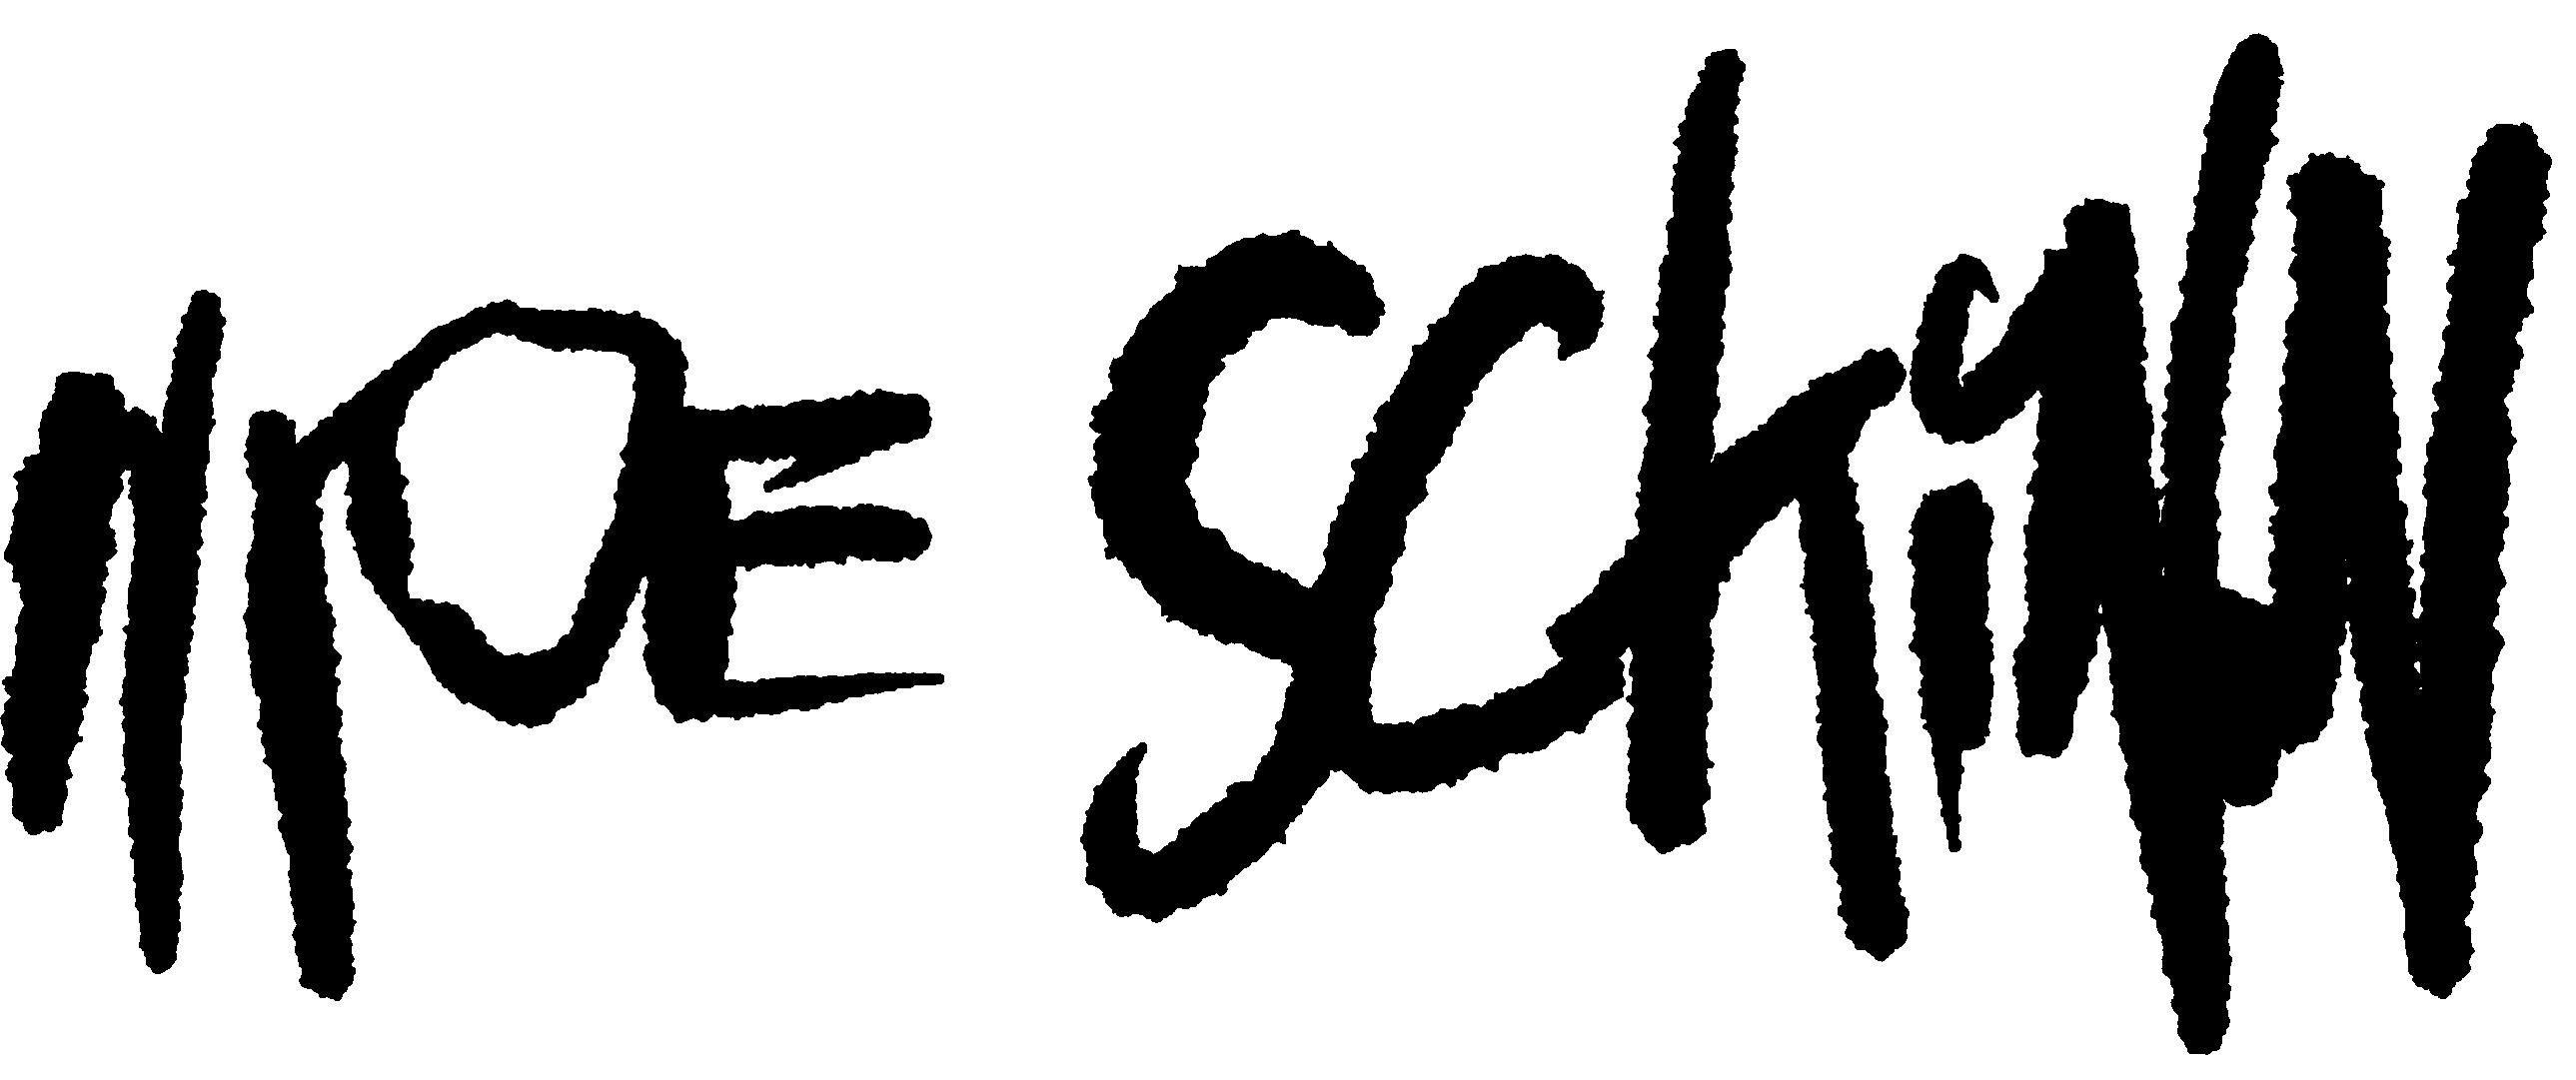 Logo_Moe_Black